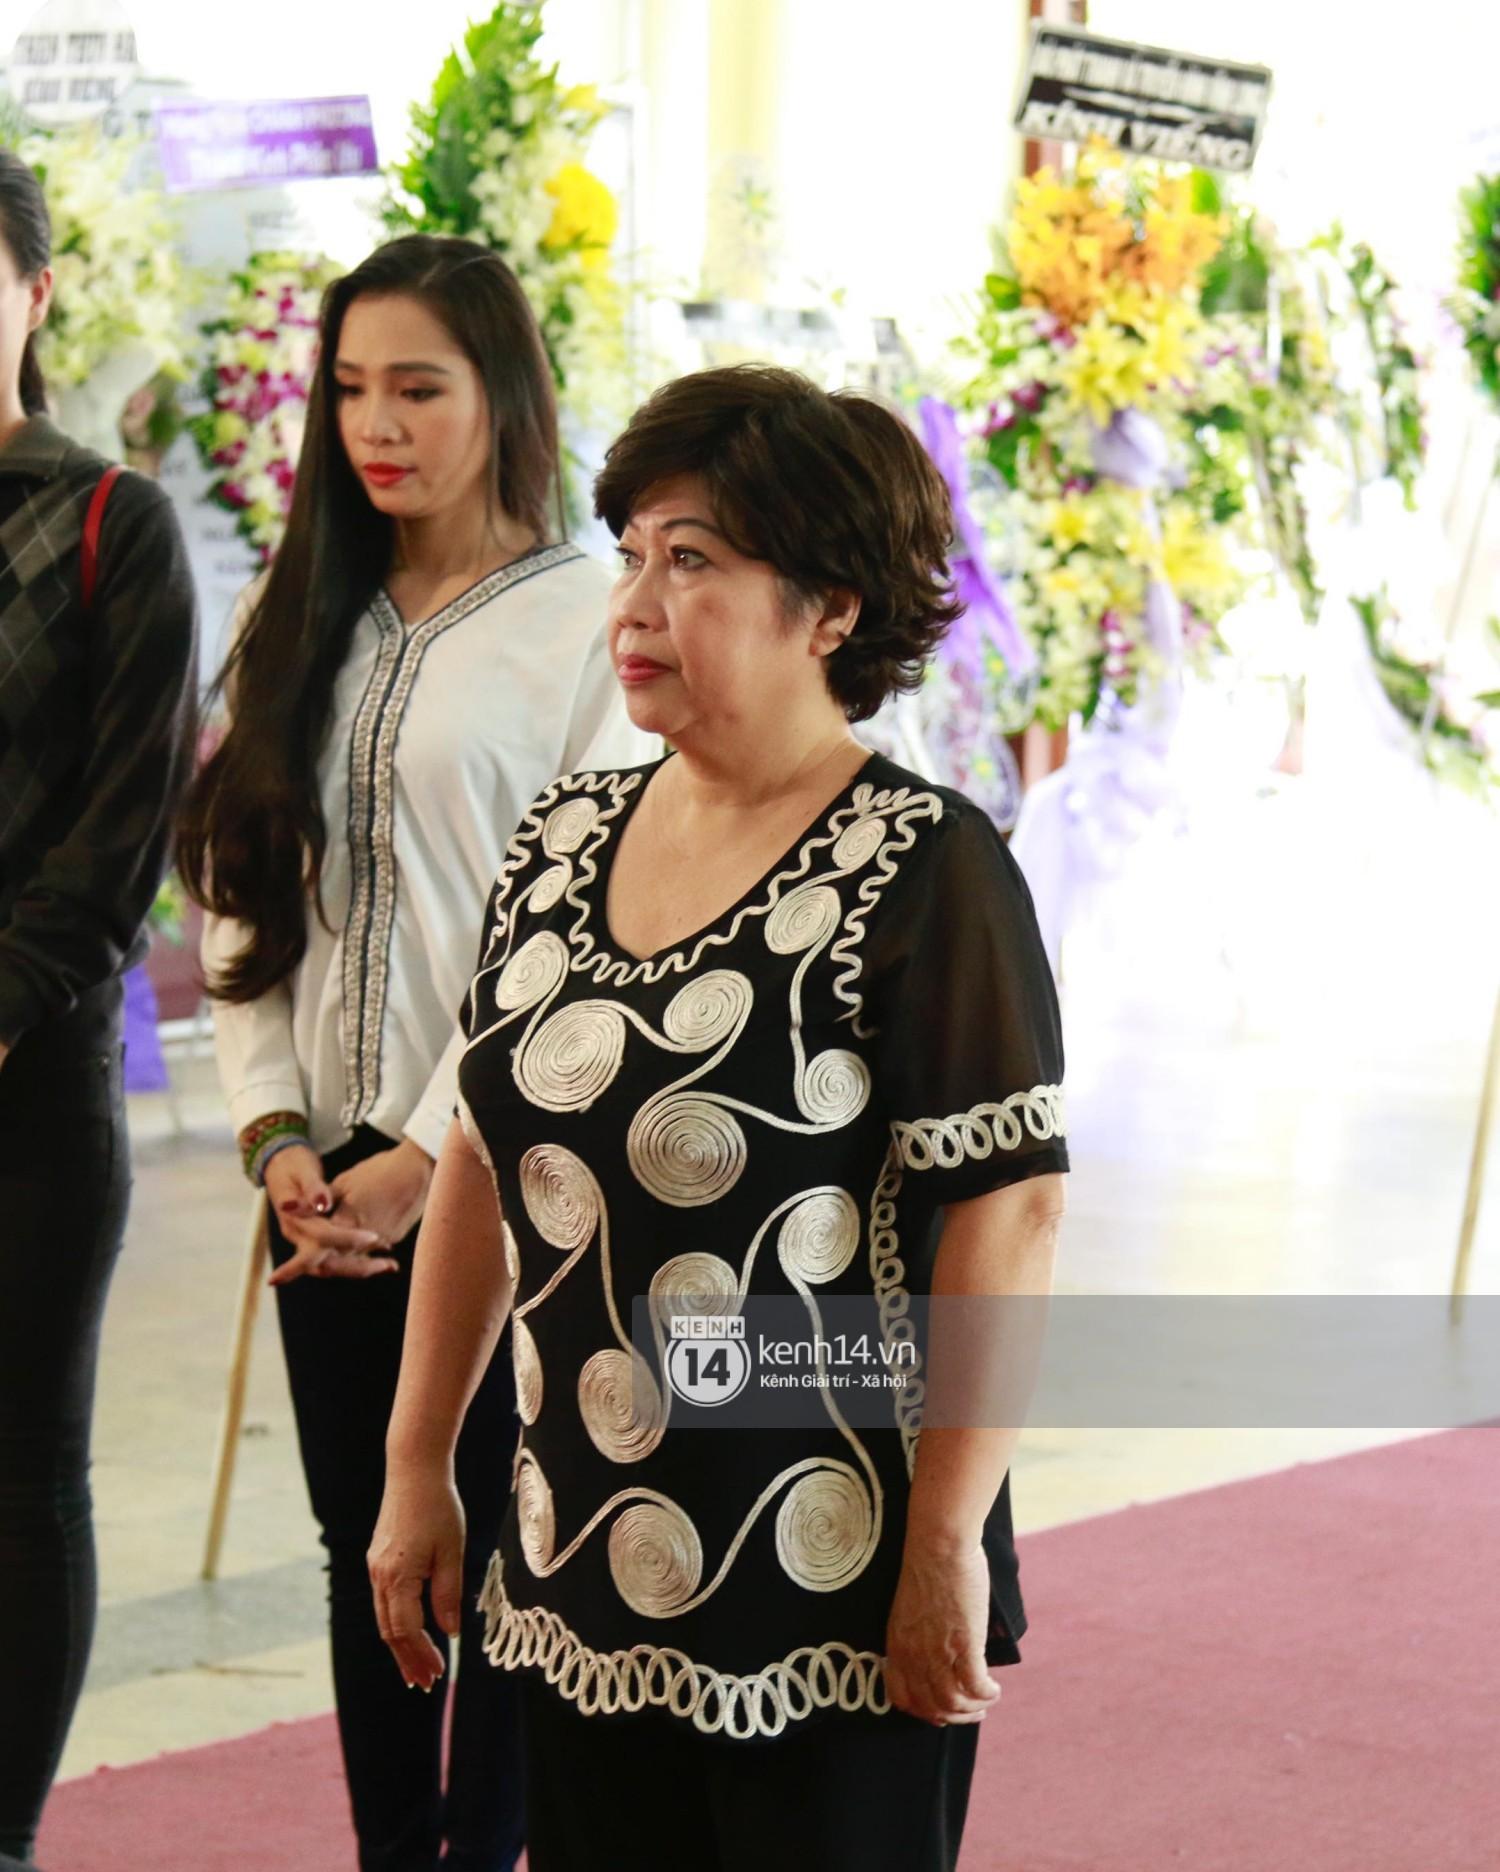 Dàn nghệ sĩ bất chấp mưa lớn tới thắp nhang cho nghệ sĩ Lê Bình trong buổi tối thứ hai tang lễ - Ảnh 15.